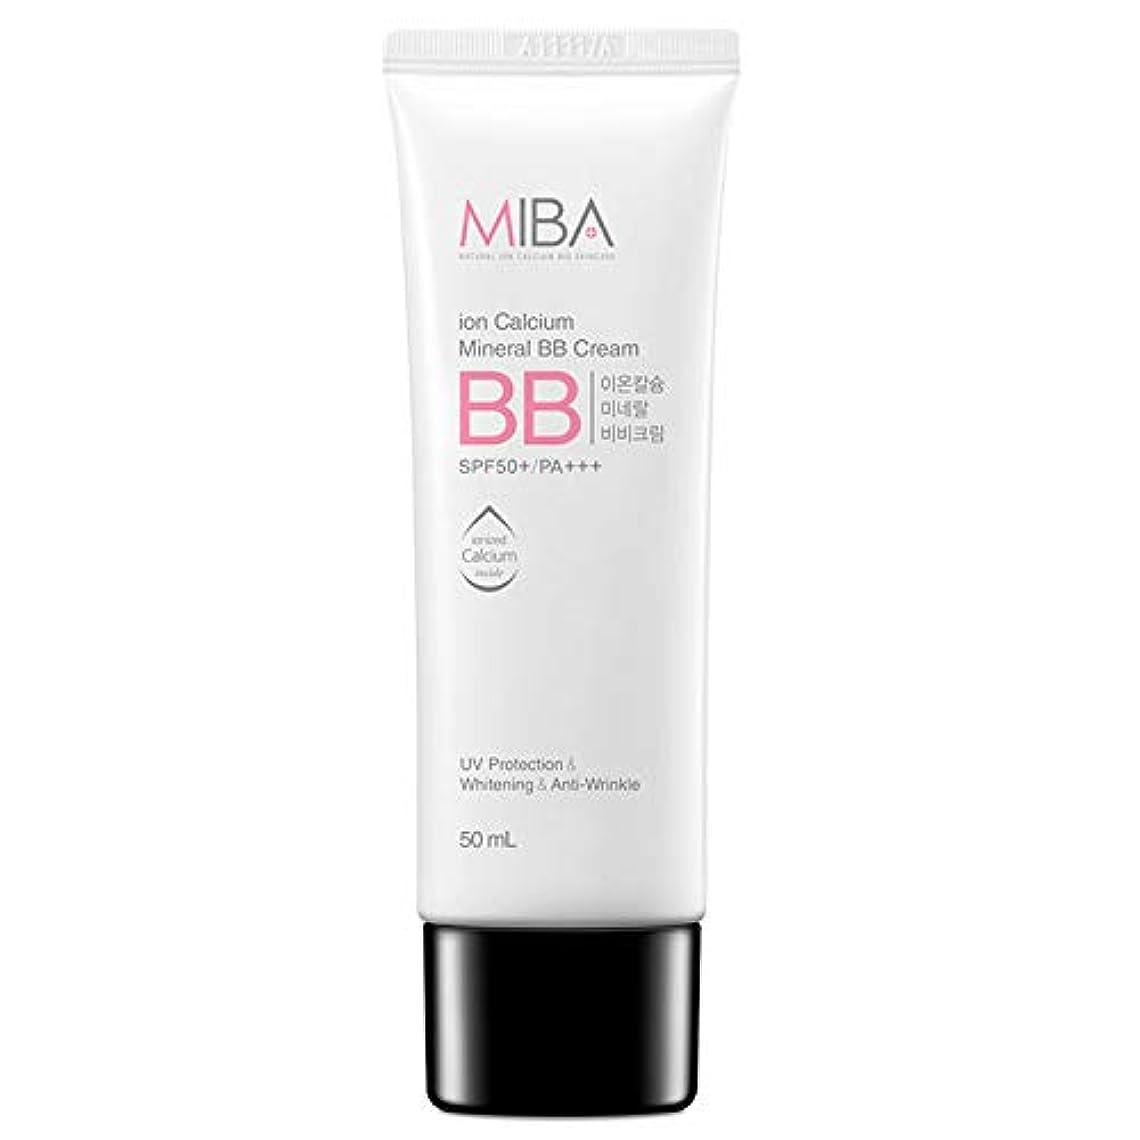 る同意するビヨンスキンDr ミバ IC ミネラルBBクリーム SPF50+/ PA+++ / MIBA Ion Calcium Mineral BB Cream [正規品]